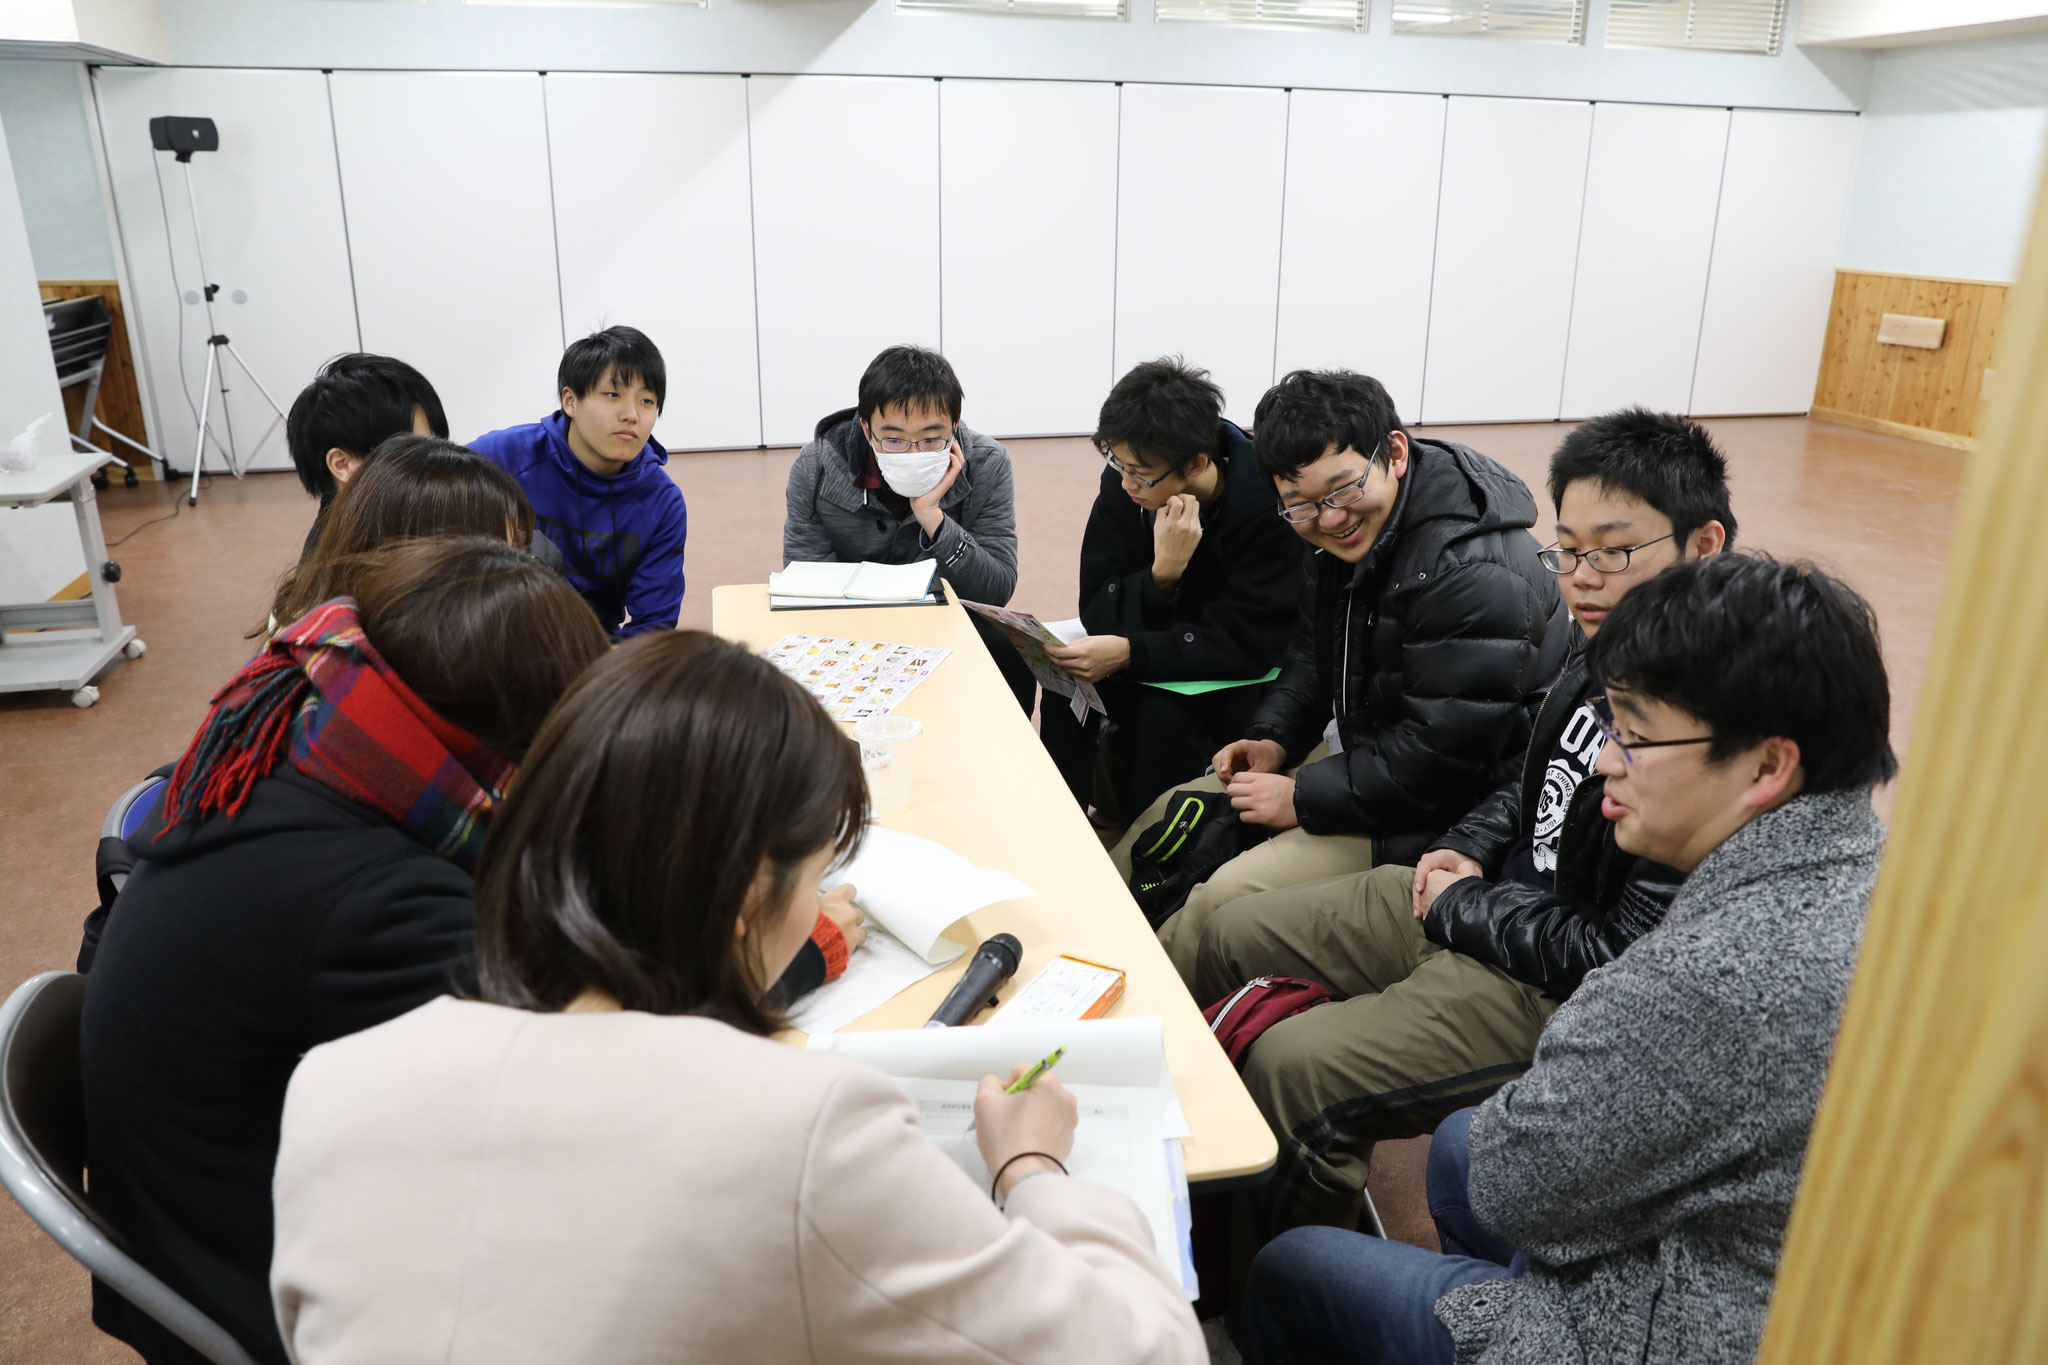 実習終了後のミーティングー 場所: 日南市創客創人センター(新)